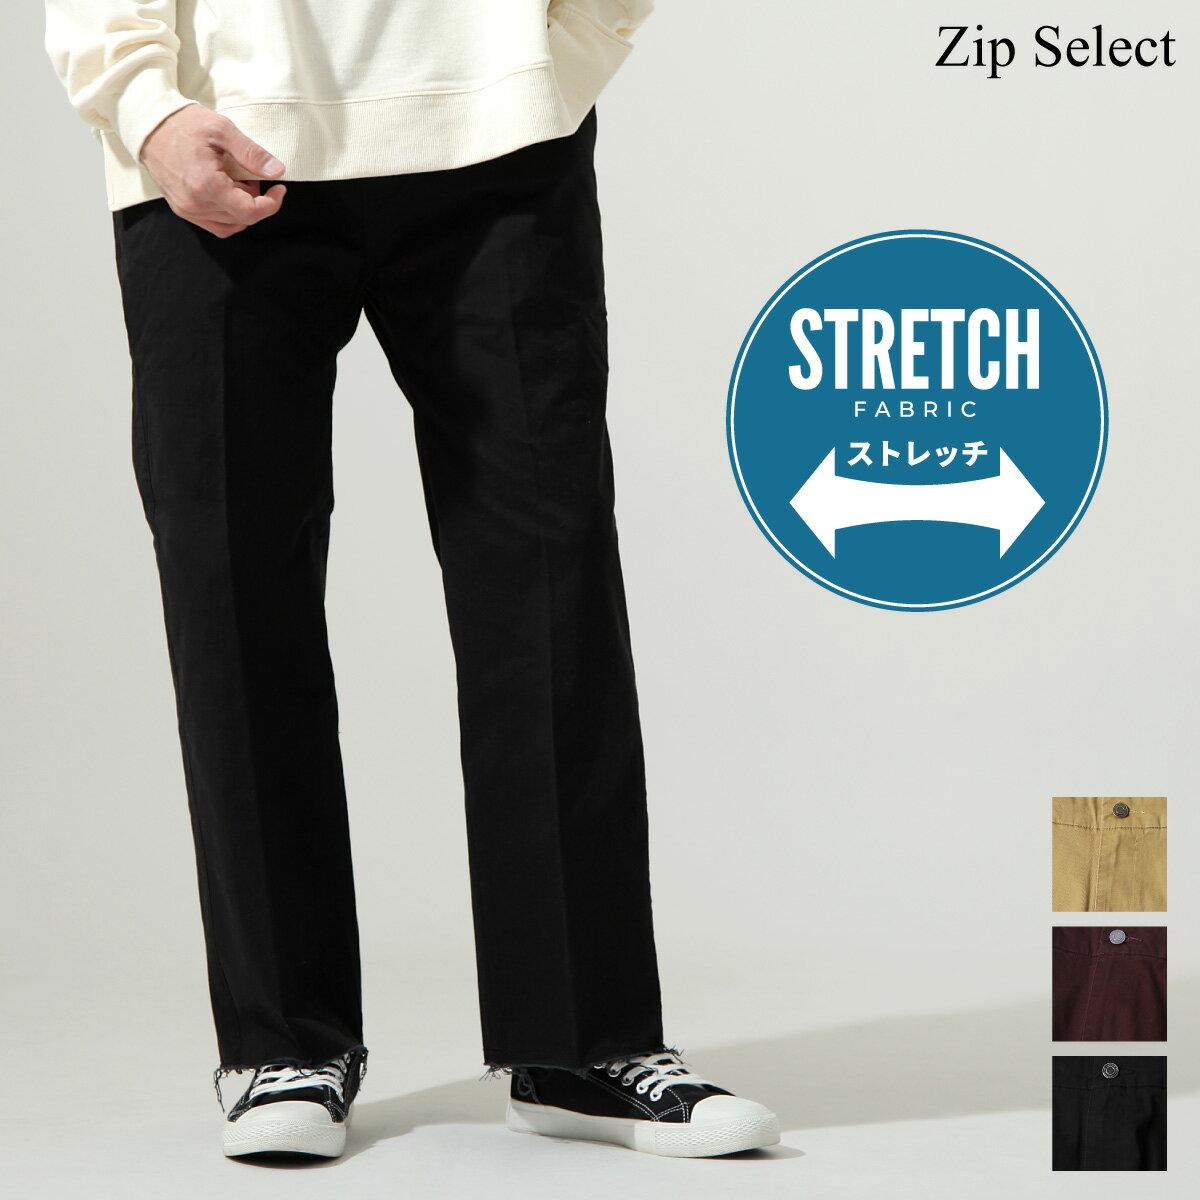 【New】ZIP 素色寬褲 立體折線 0